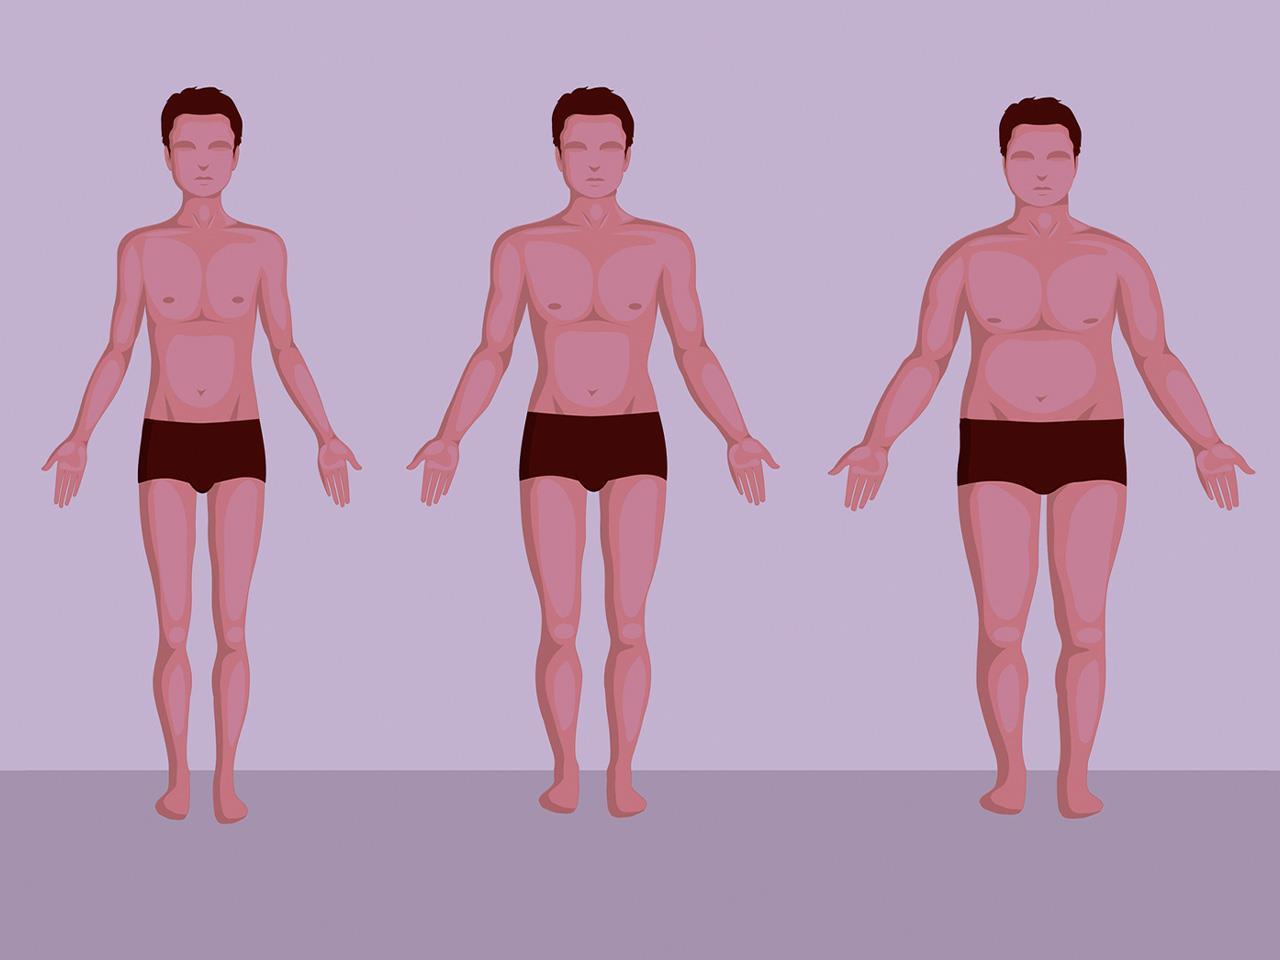 статьи есть виды телосложения у мужчин названия картинки как это